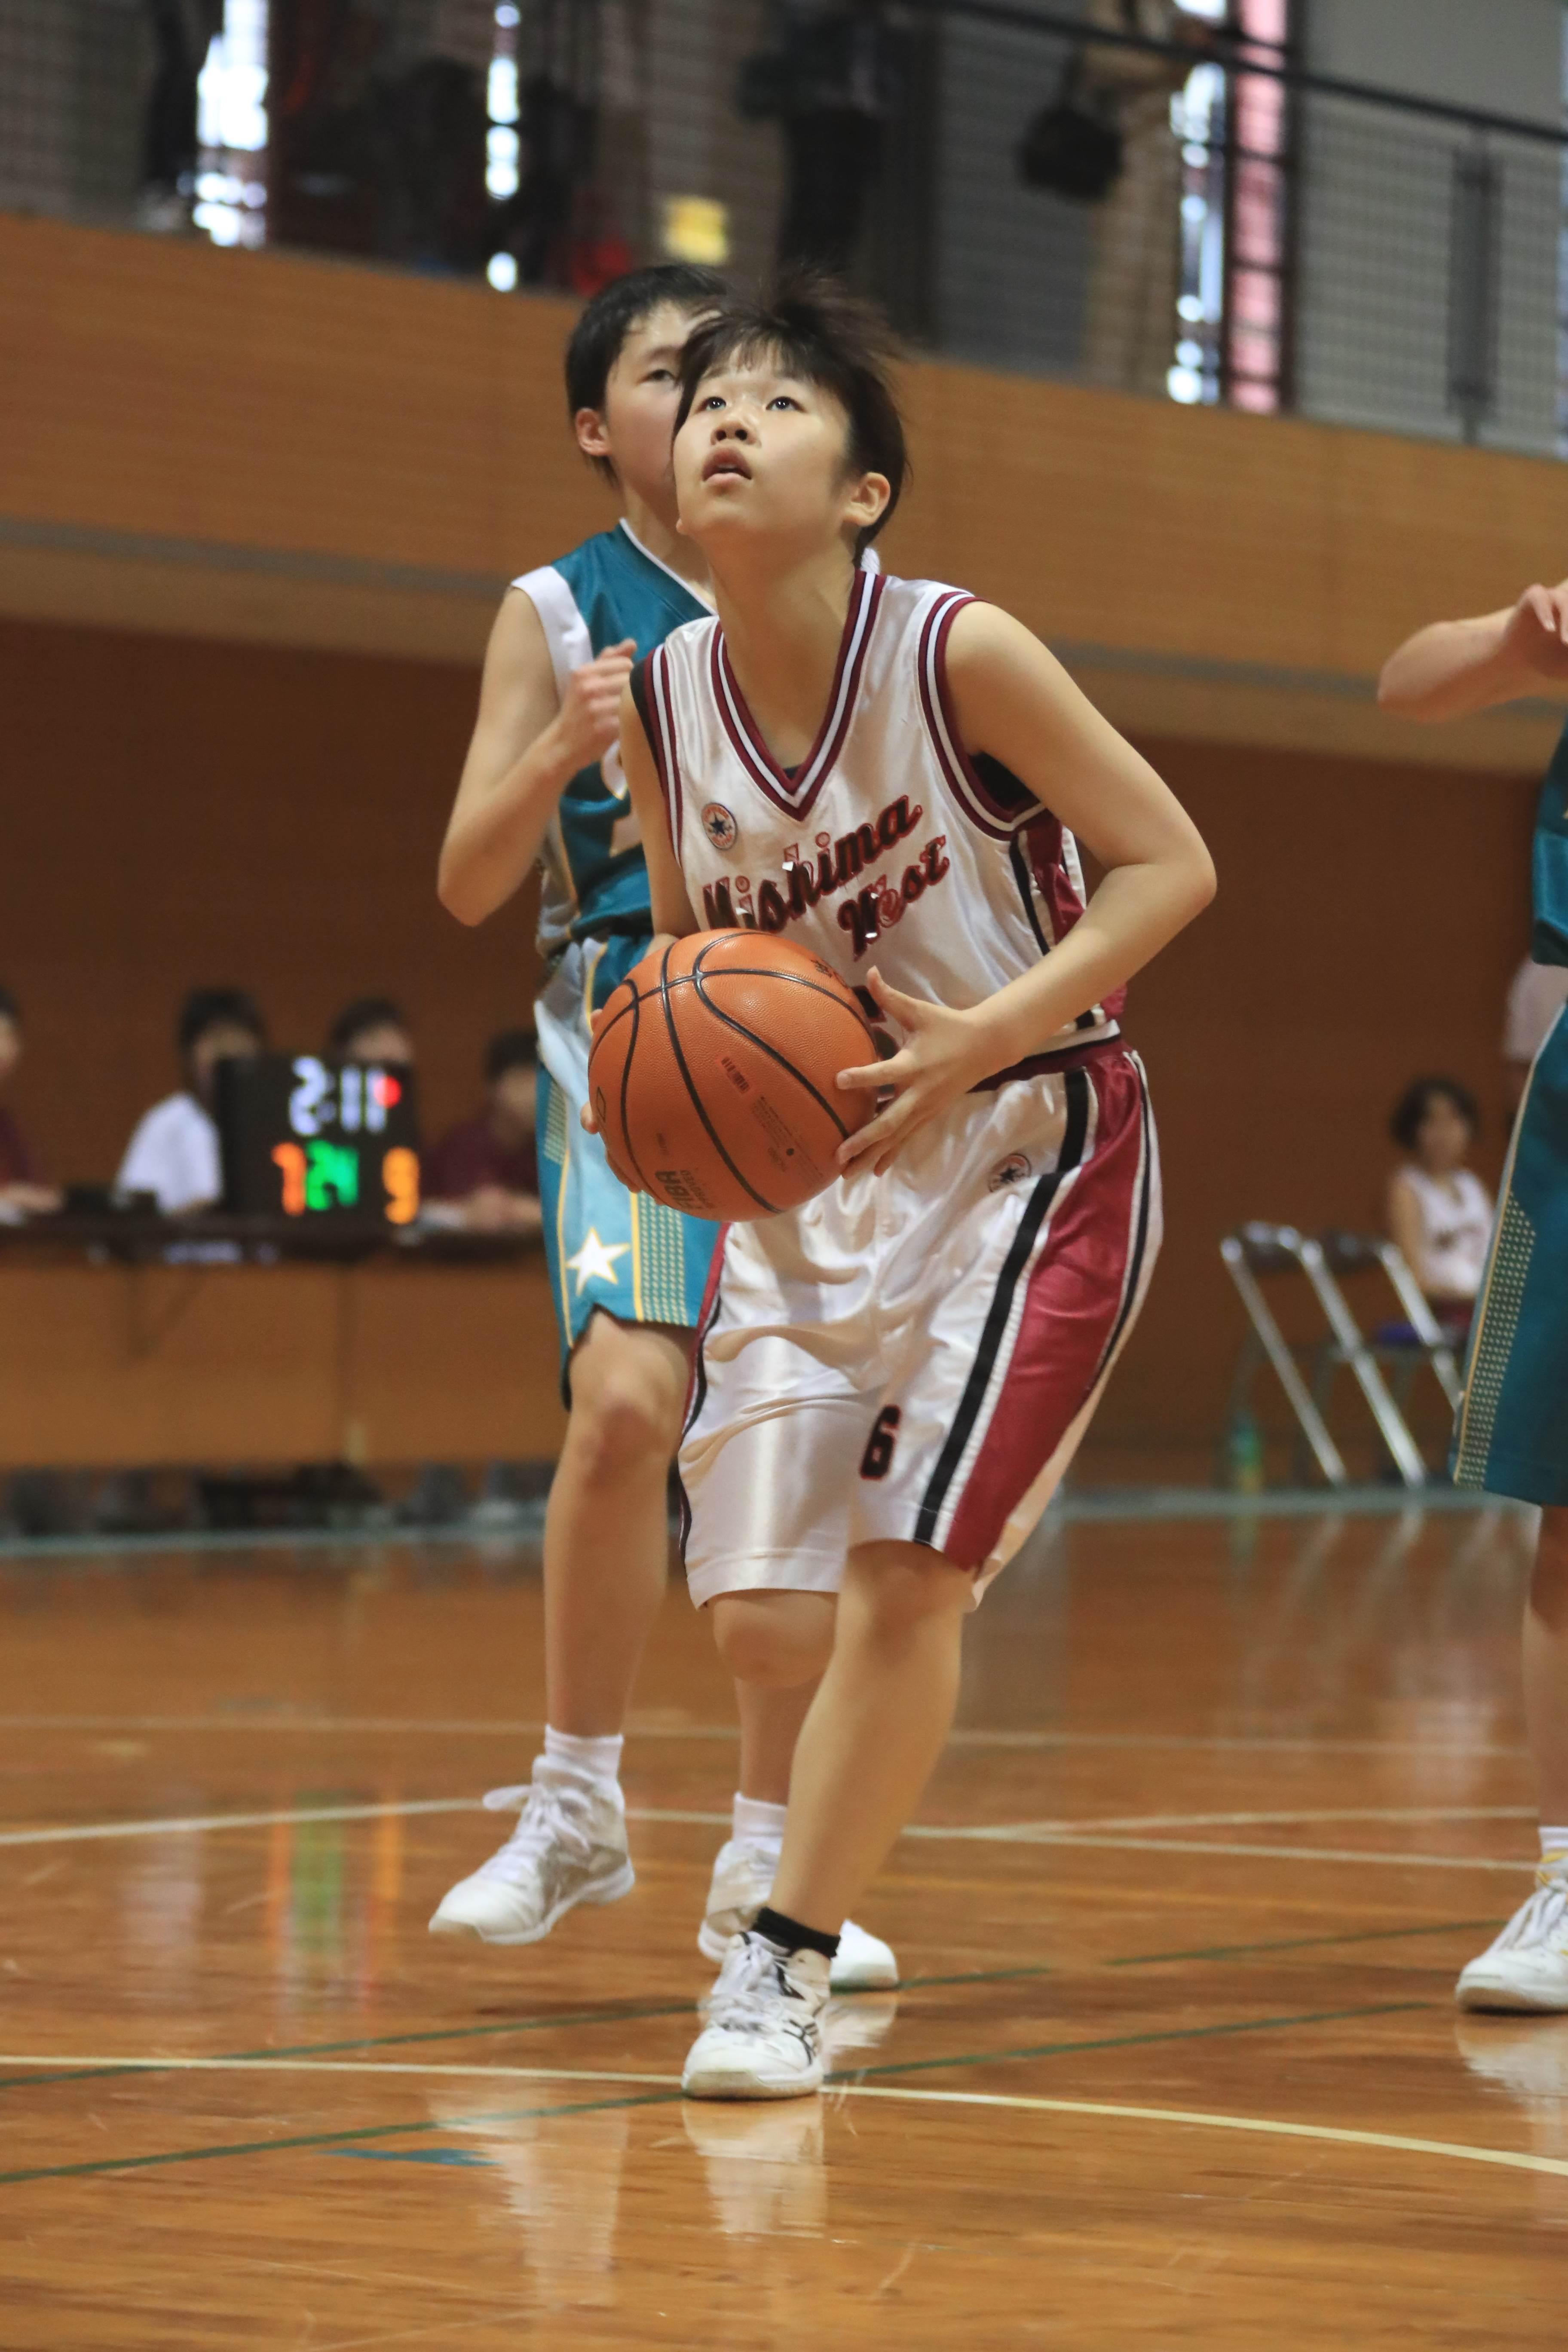 バスケットボール (56)